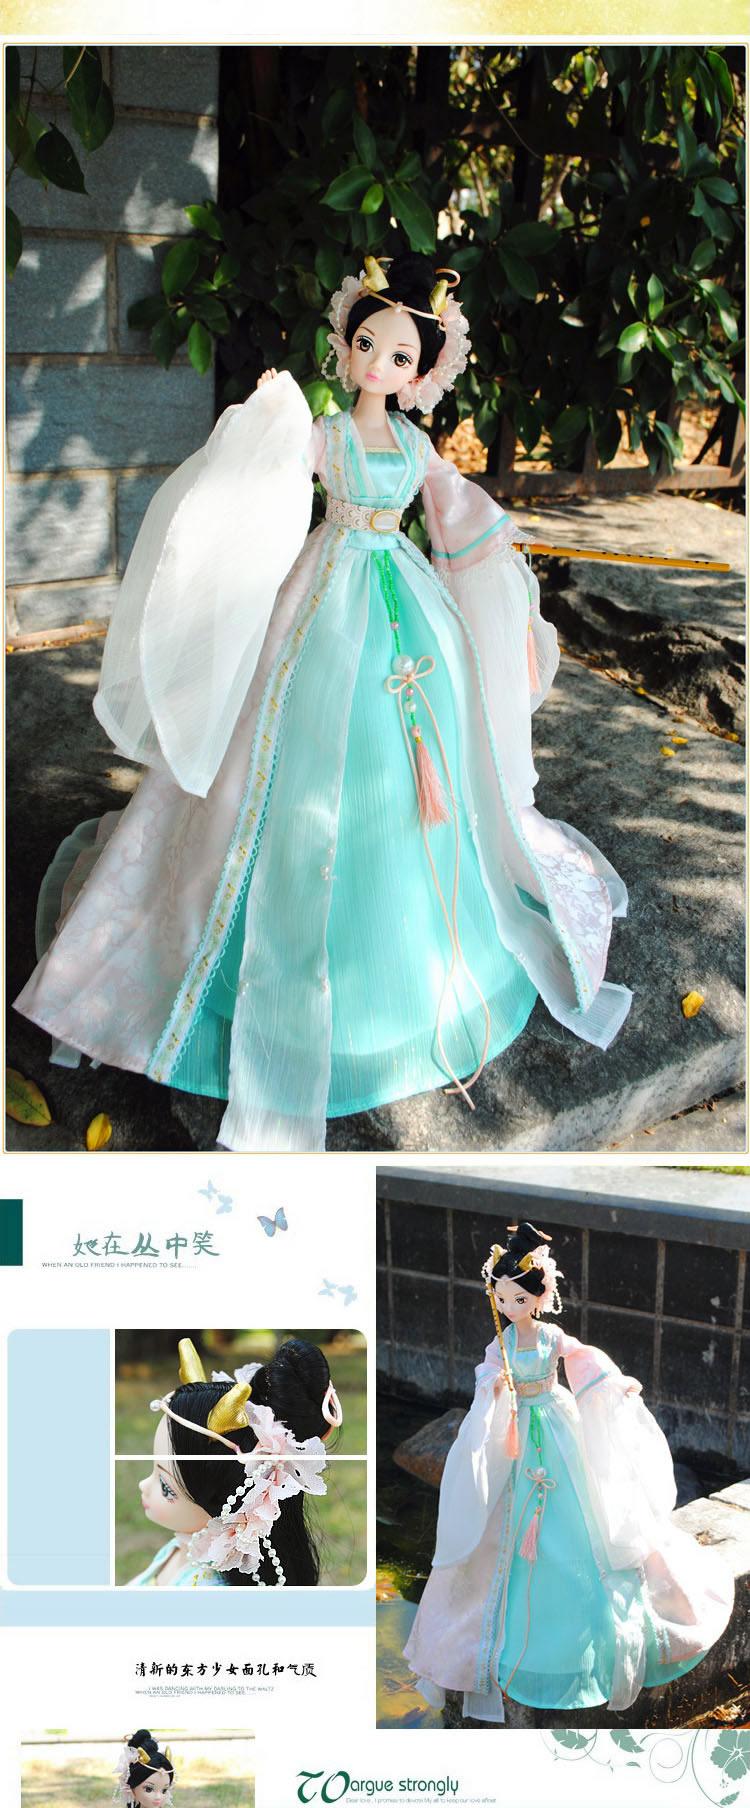 可儿娃娃古代公主系列 古典中国风民族服饰 清朝公主明珠格格9036